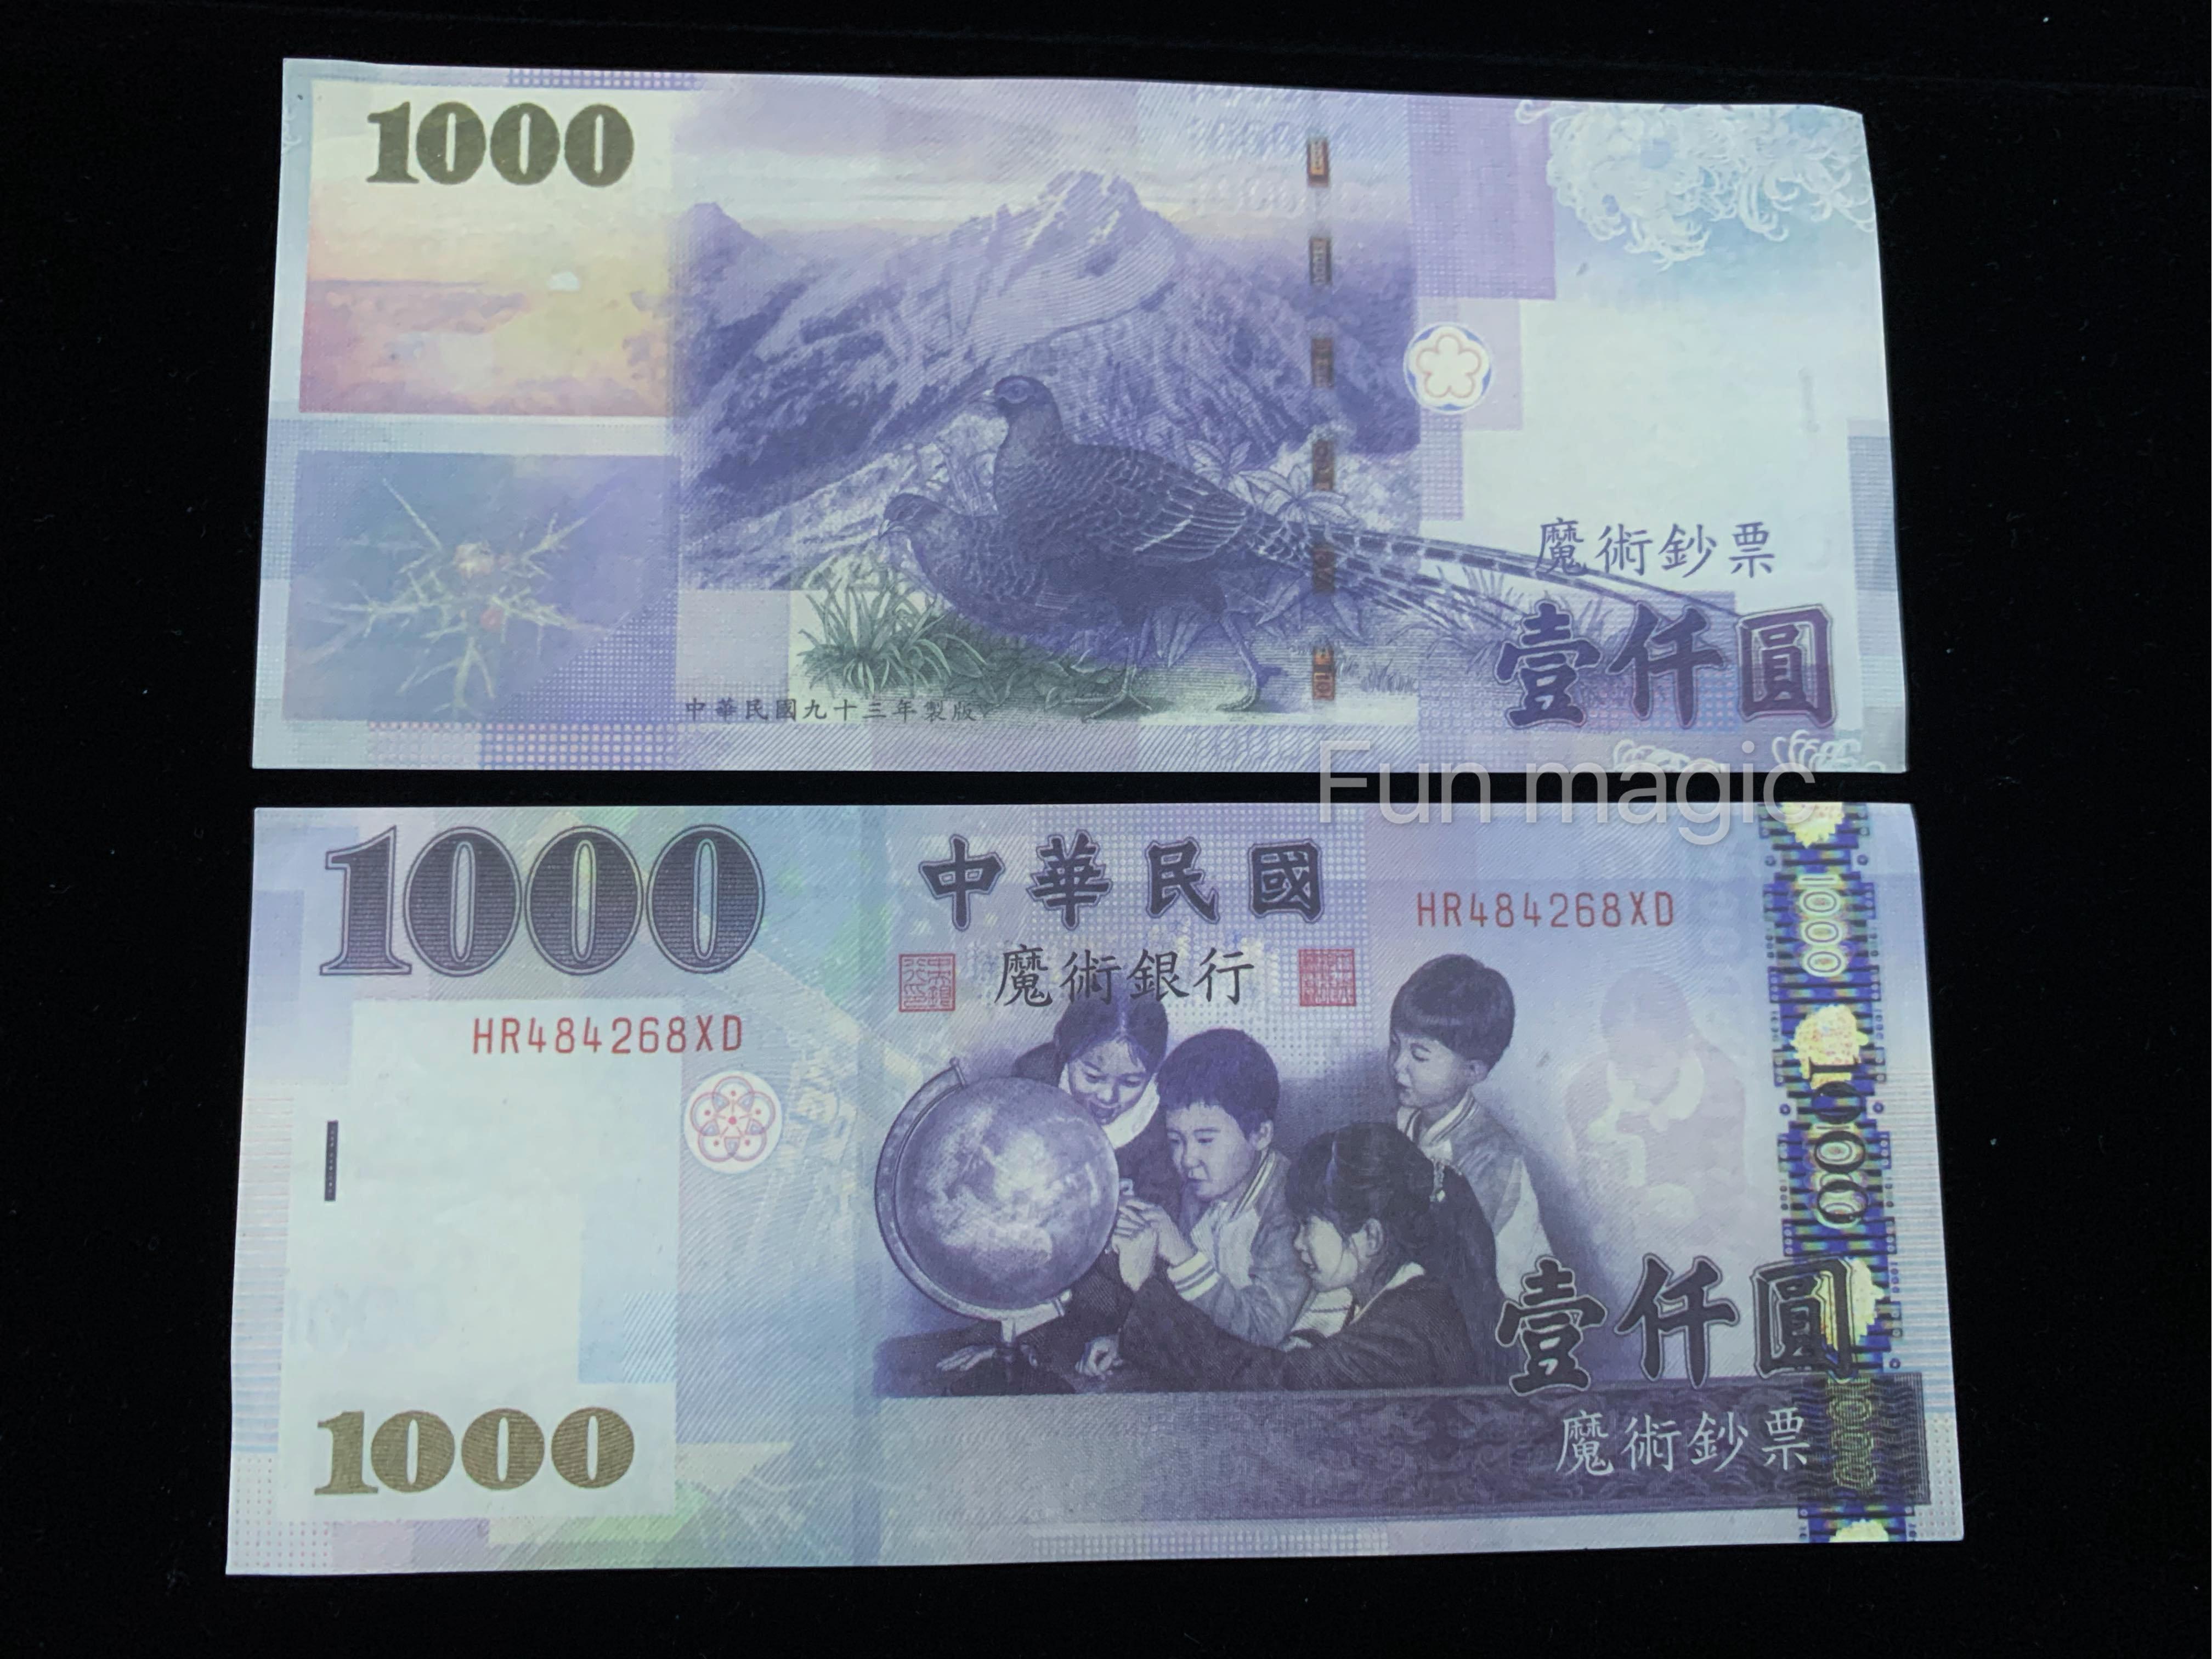 玩具鈔票(十張) 千元假鈔 假鈔票 1000元假鈔票 1000元玩具鈔票